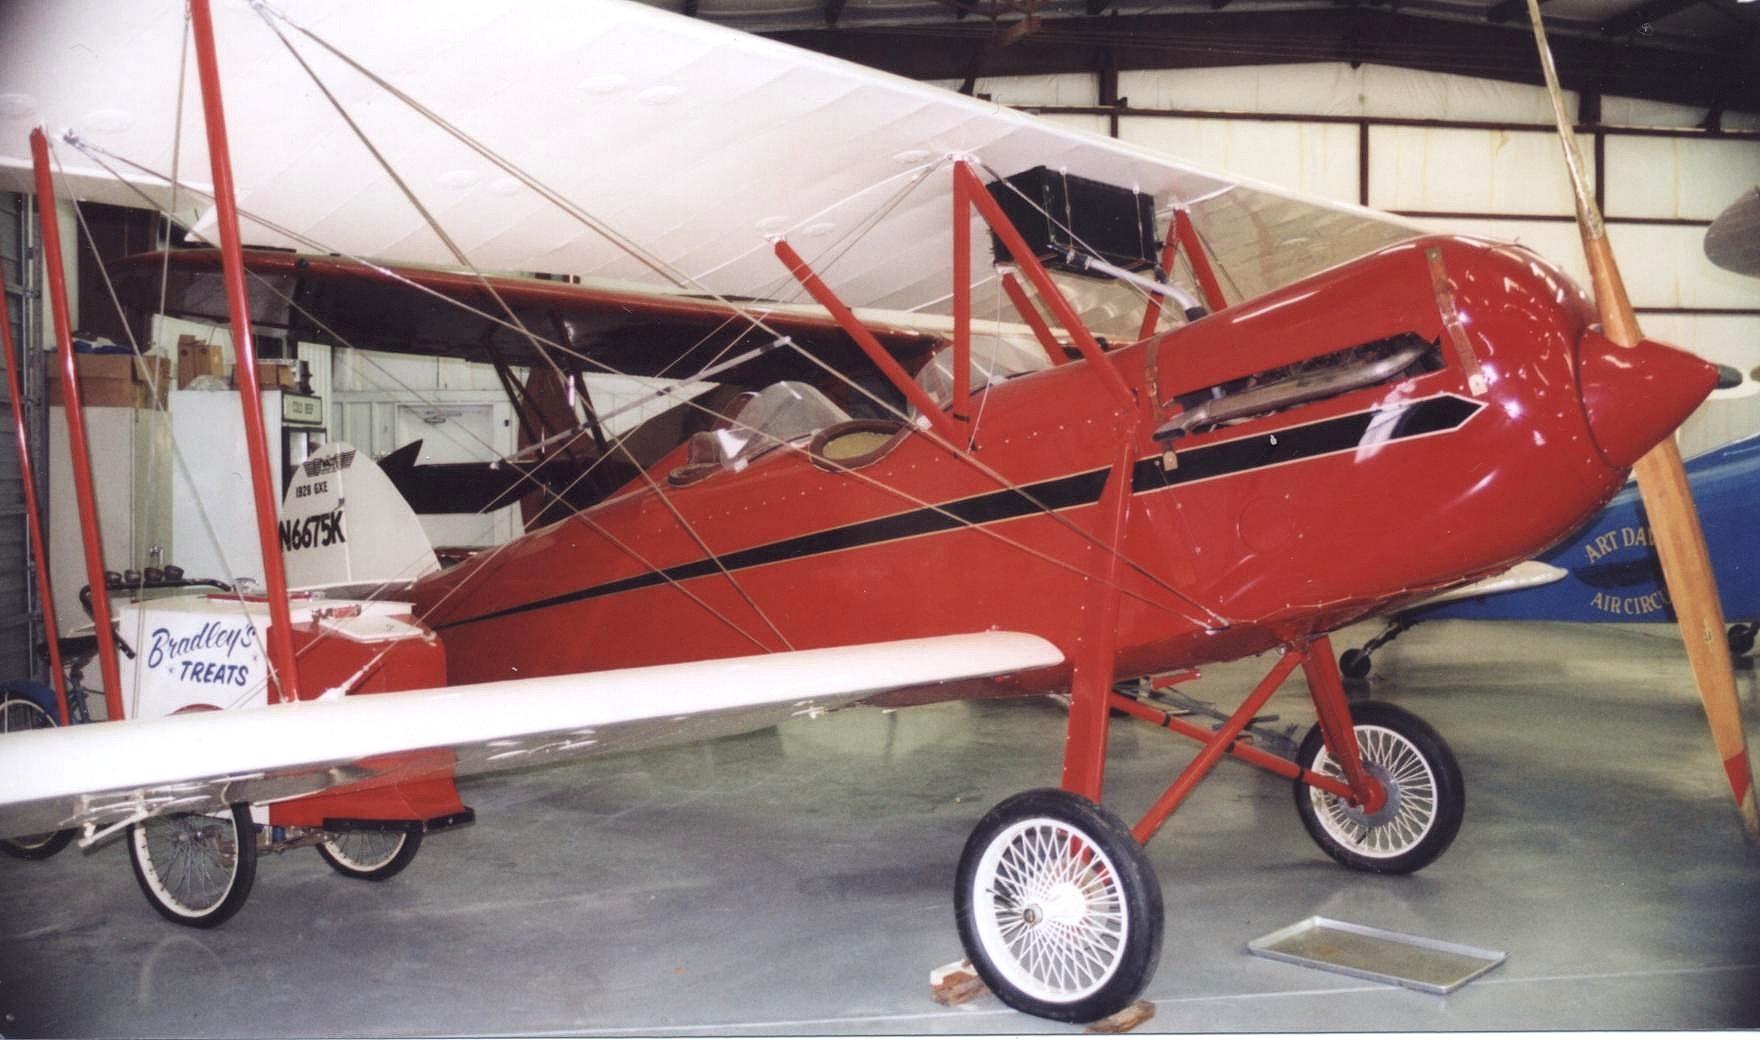 Waco Aircraft Company - Wikipedia